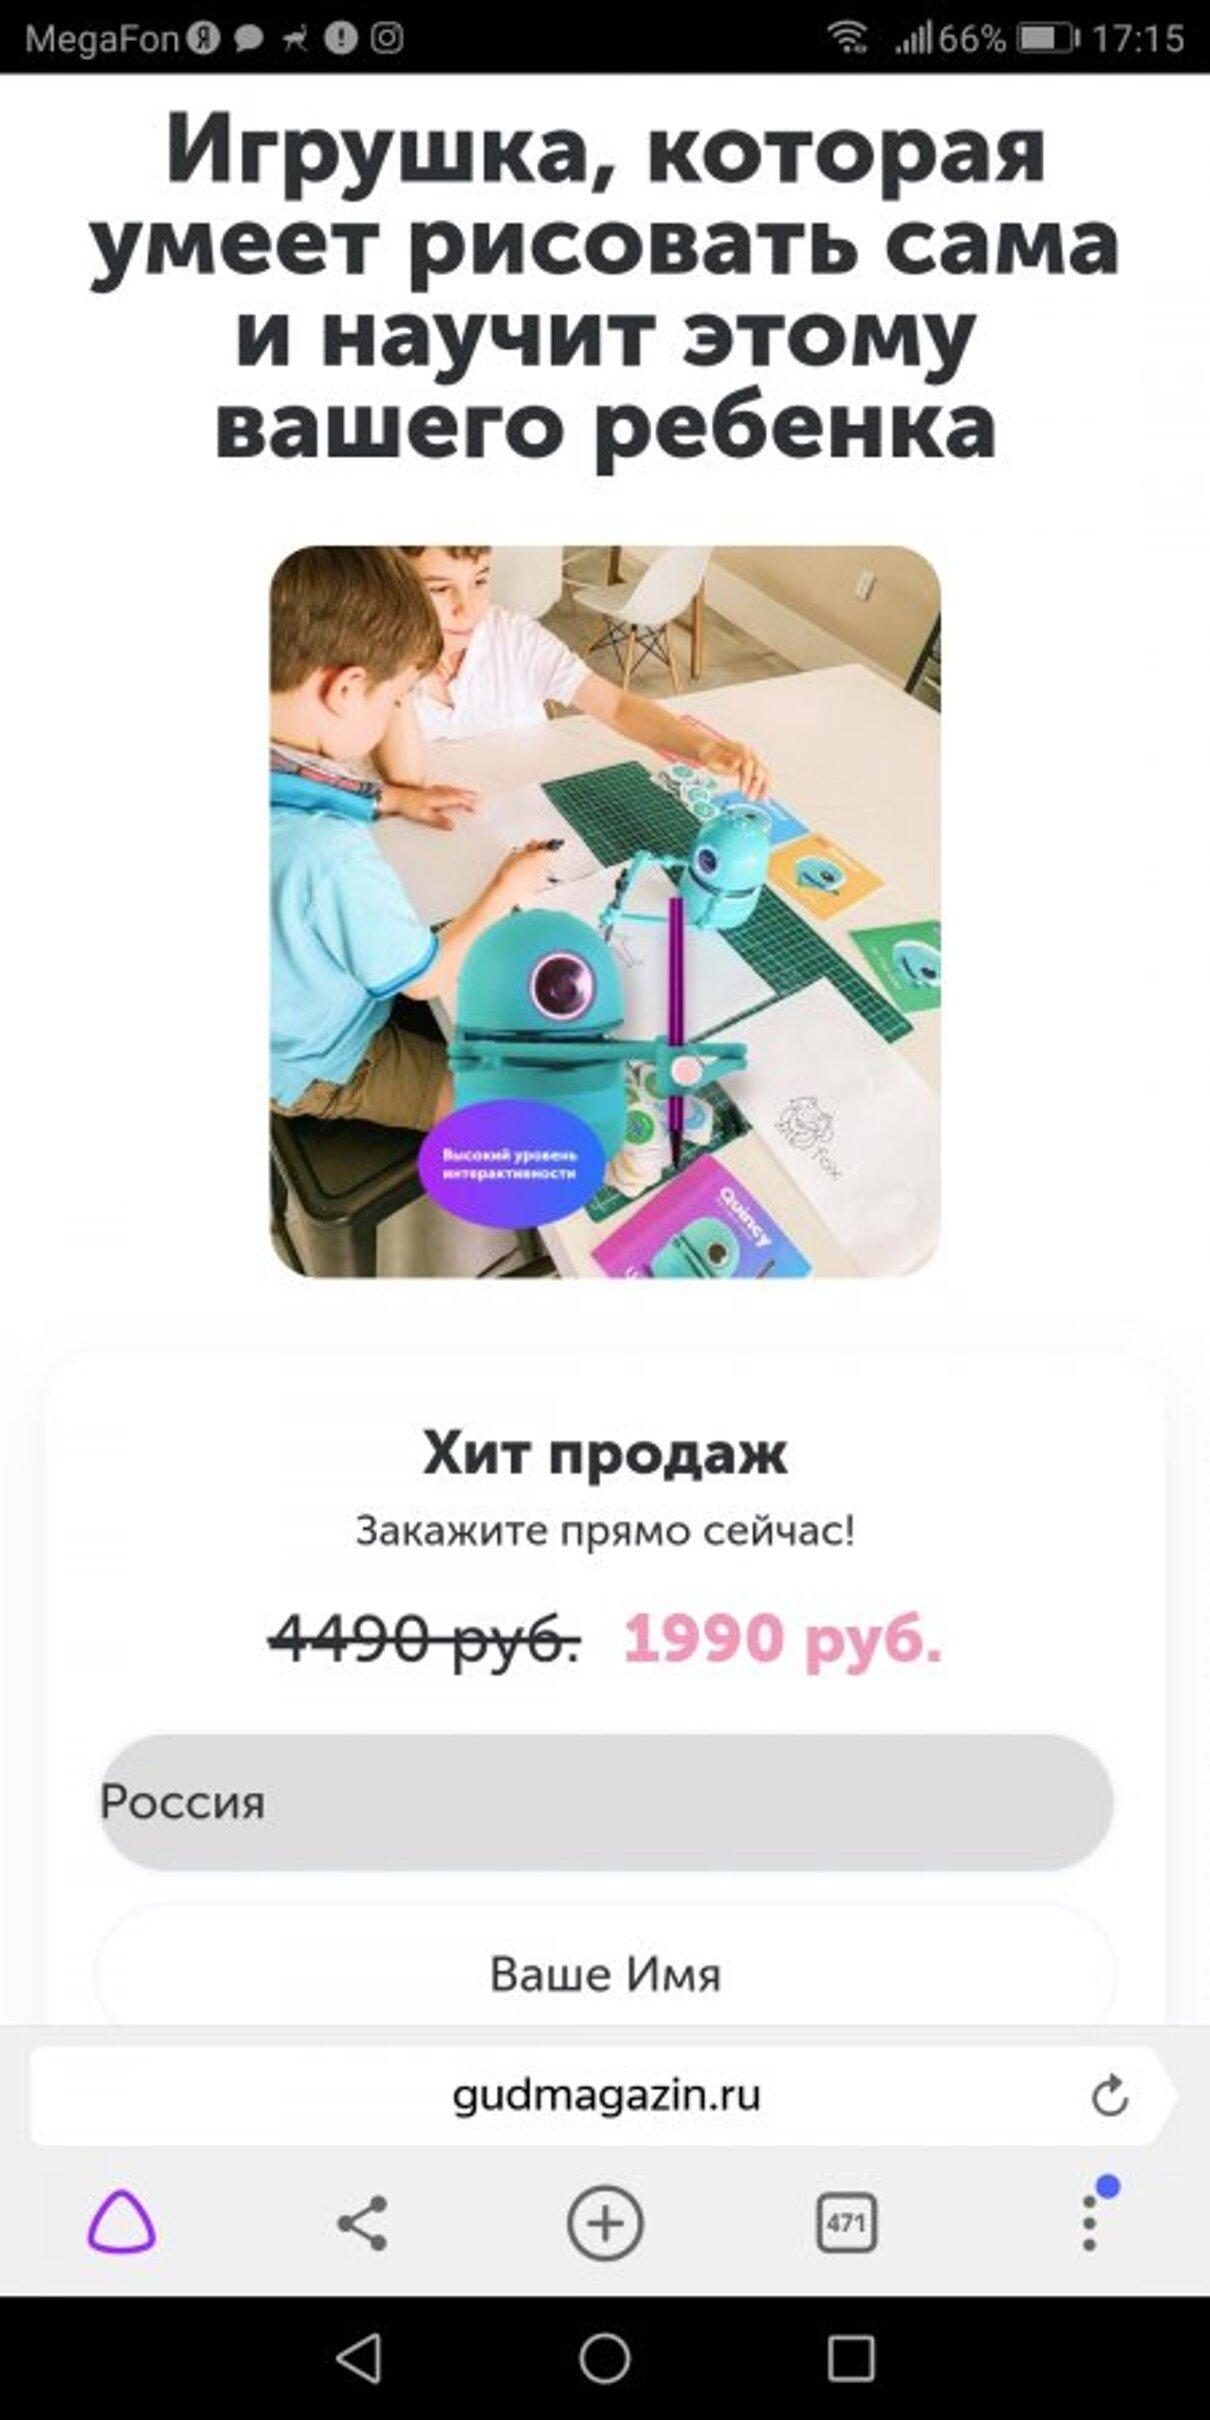 Жалоба-отзыв: Робот художник quincy - Присылают пустую коробку.  Фото №2